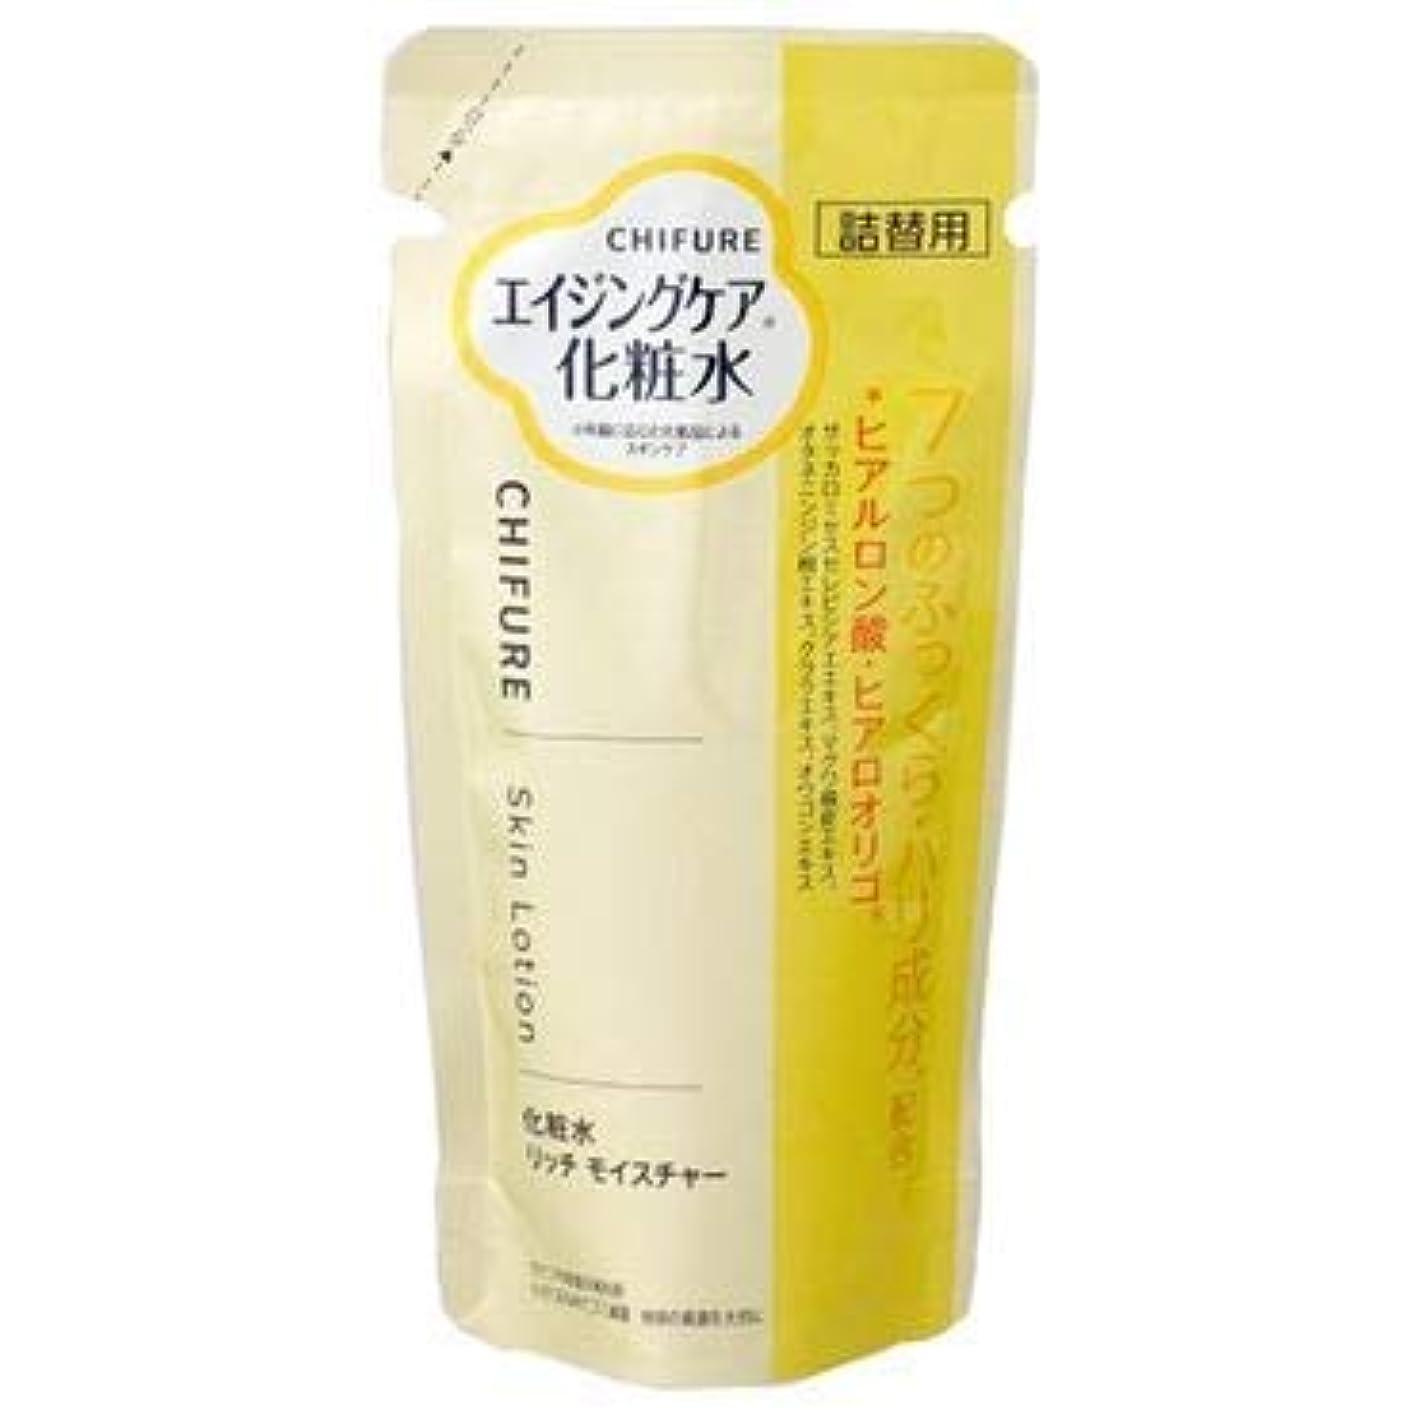 失望取り壊す報いるちふれ化粧品 化粧水 リッチモイスチャータイプ 150ml (詰替)